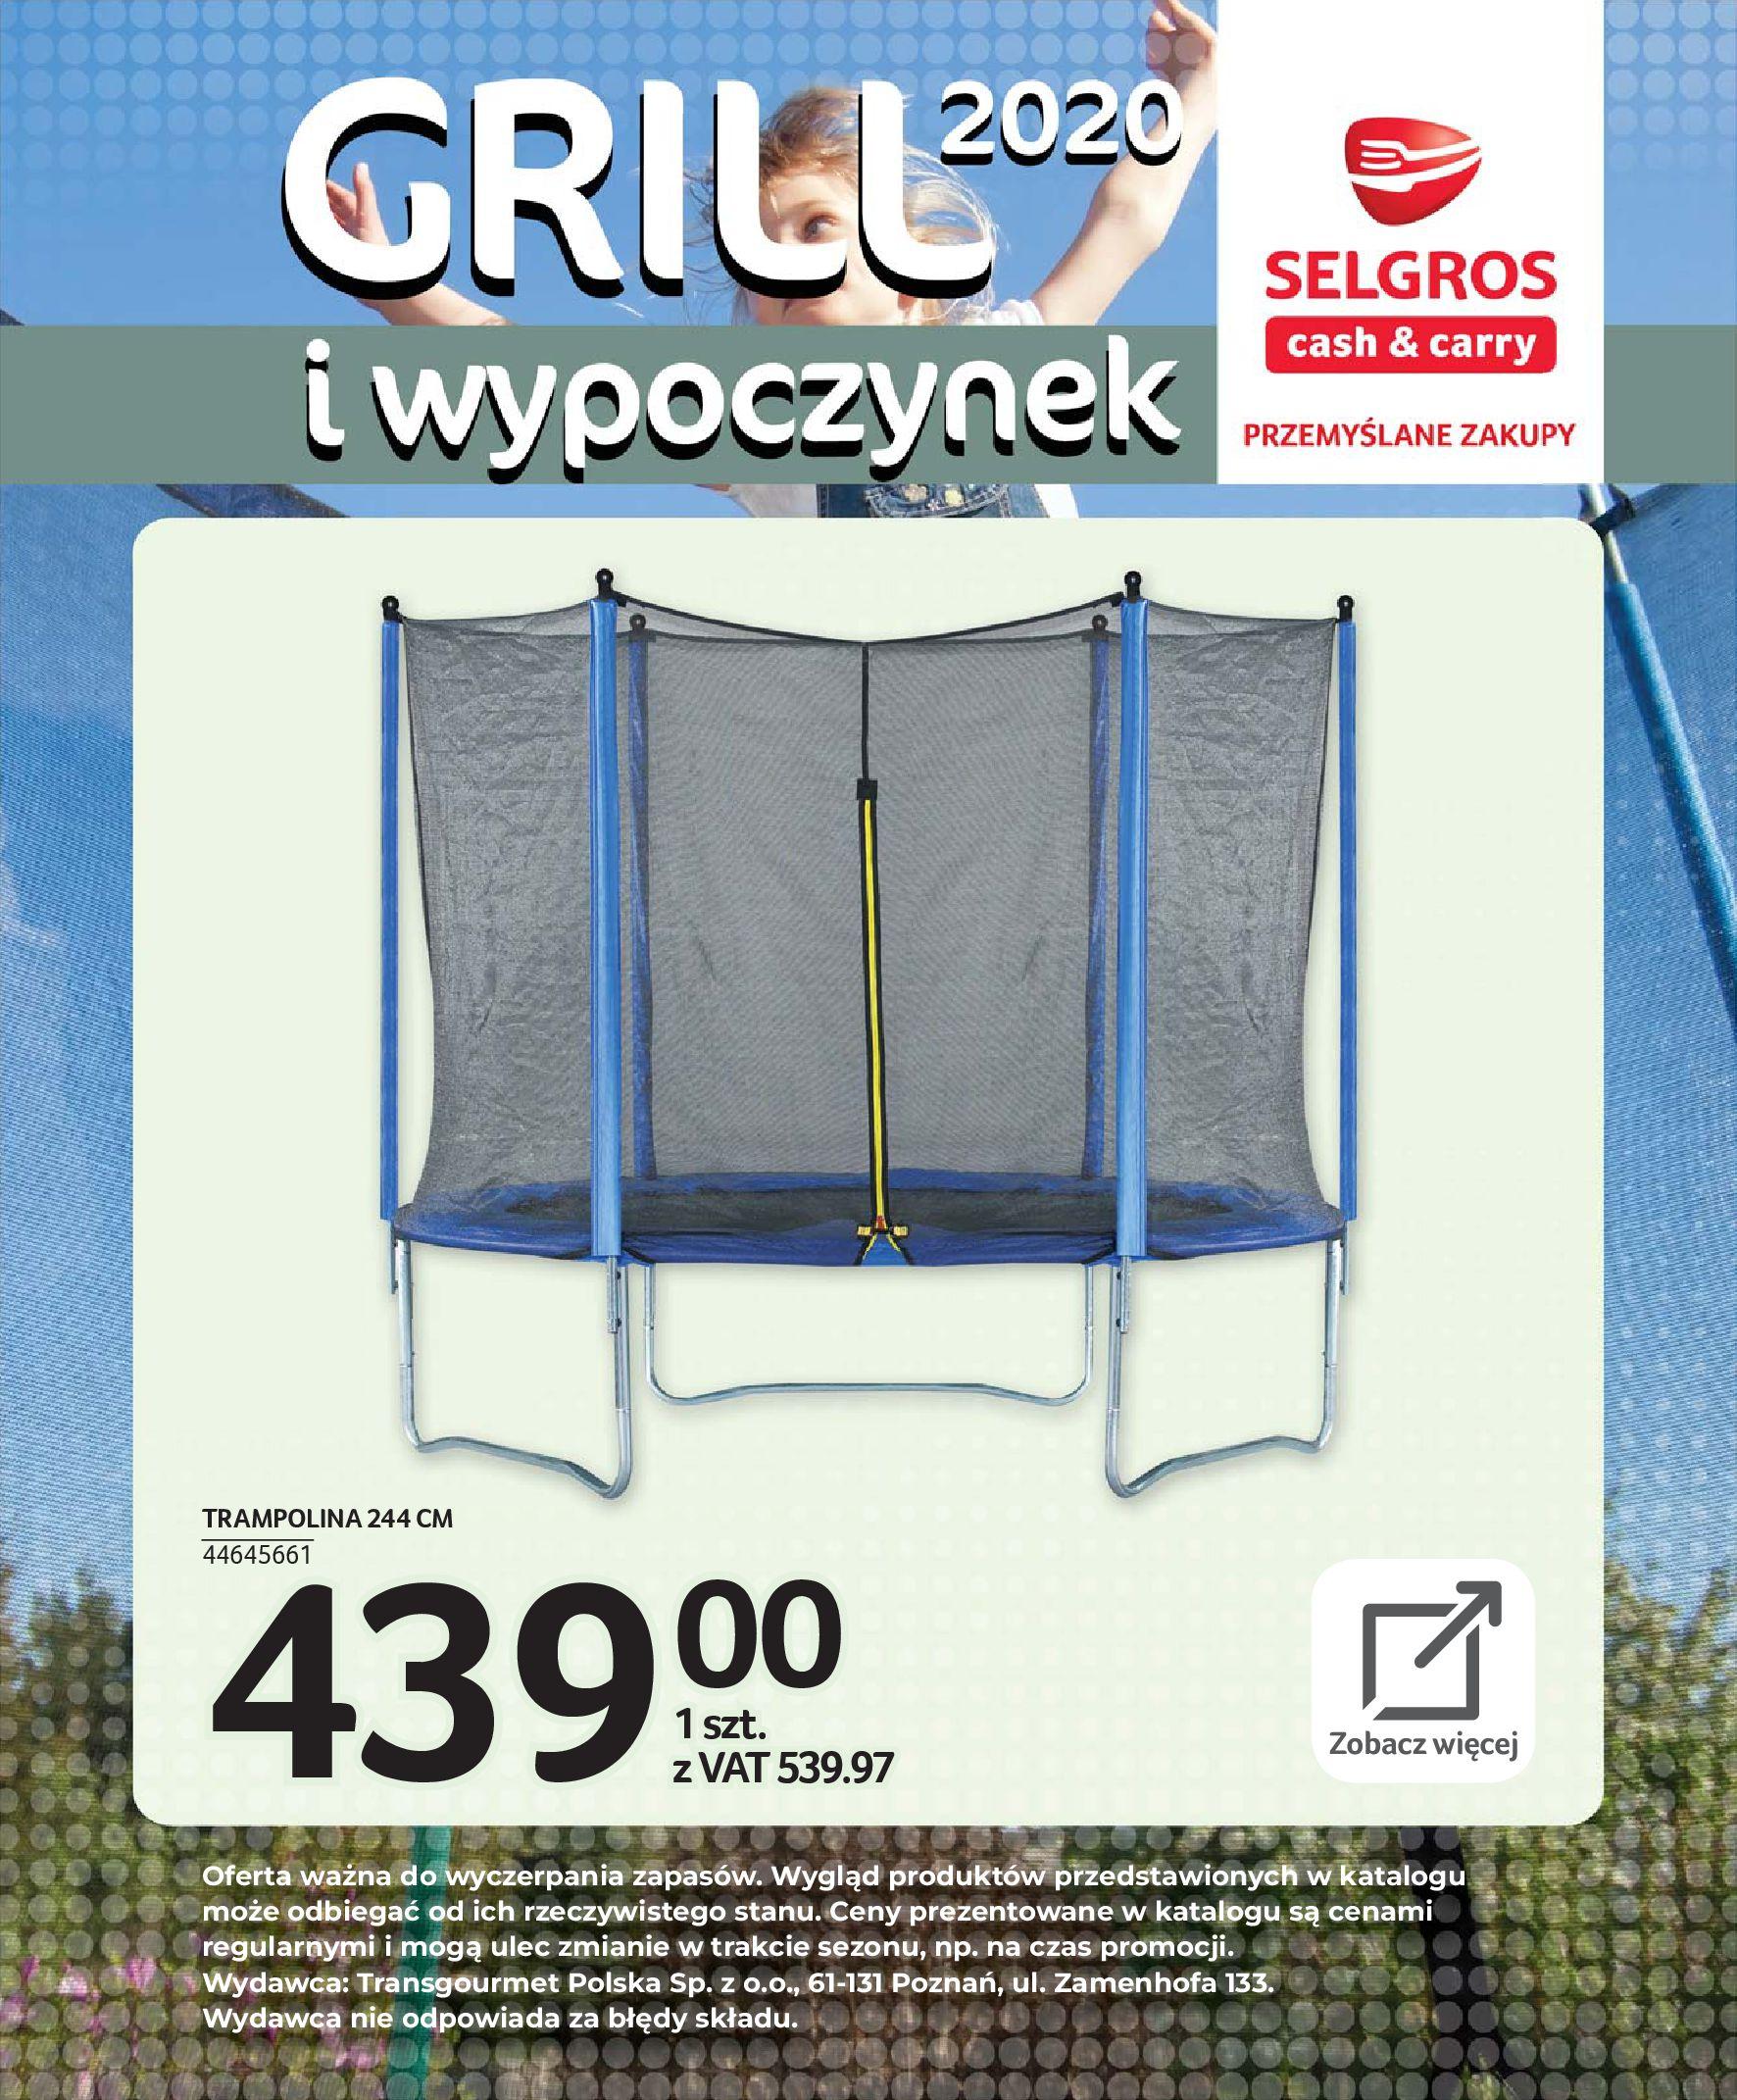 Gazetka Selgros - Katalog - Grill i wypoczynek-31.03.2020-31.08.2020-page-116